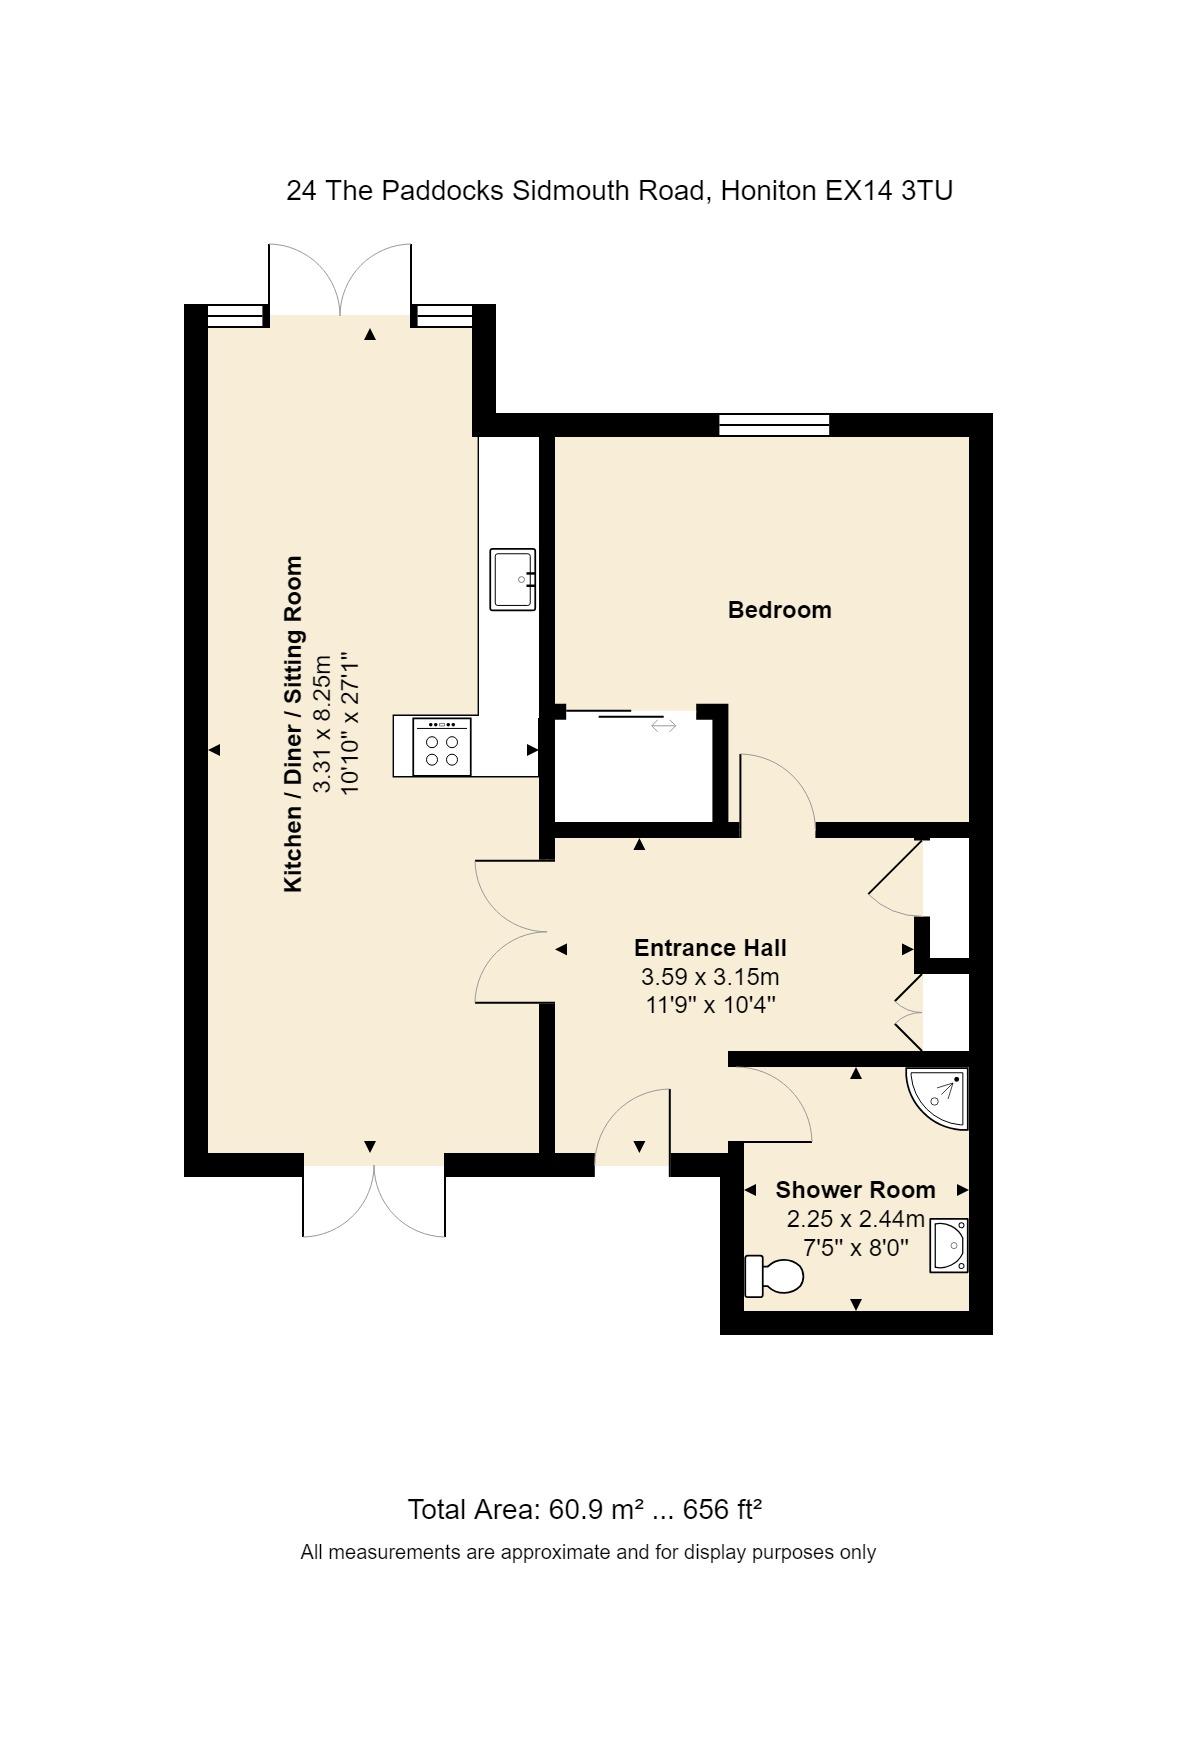 24 The Paddocks Floorplan